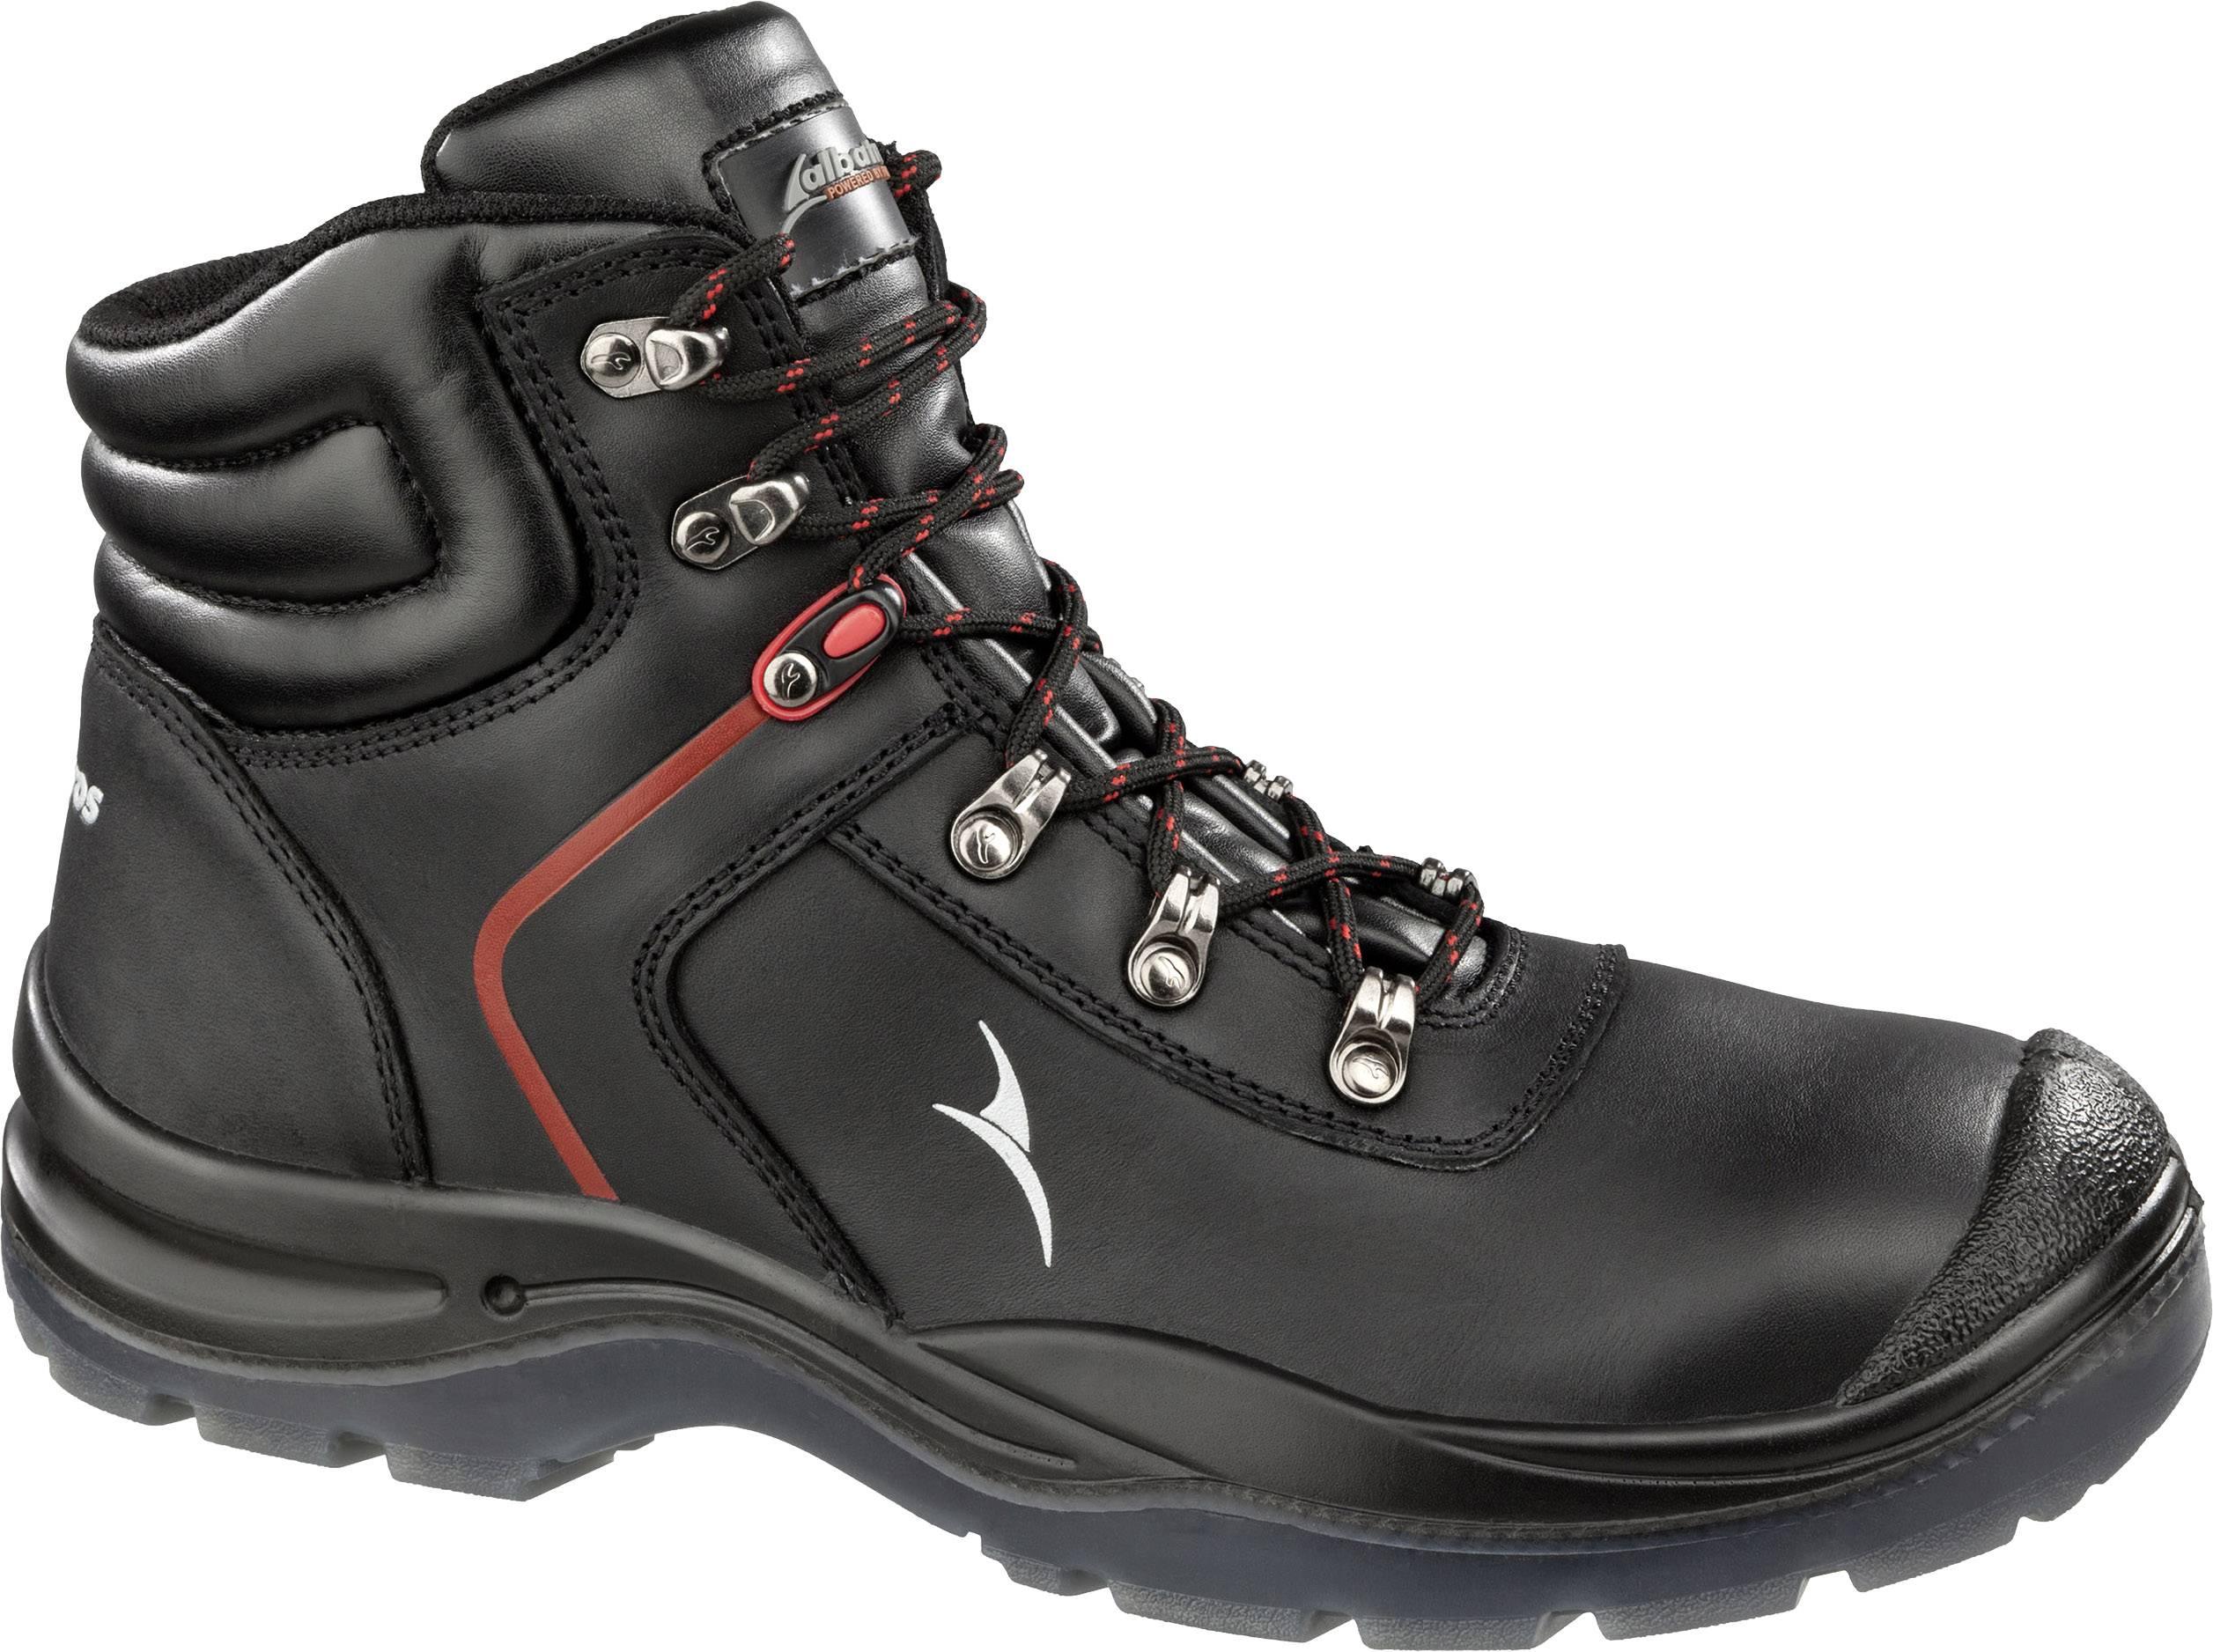 Bezpečnostná pracovná obuv S3 ,veľ. 42 Albatros 631080 1 pár